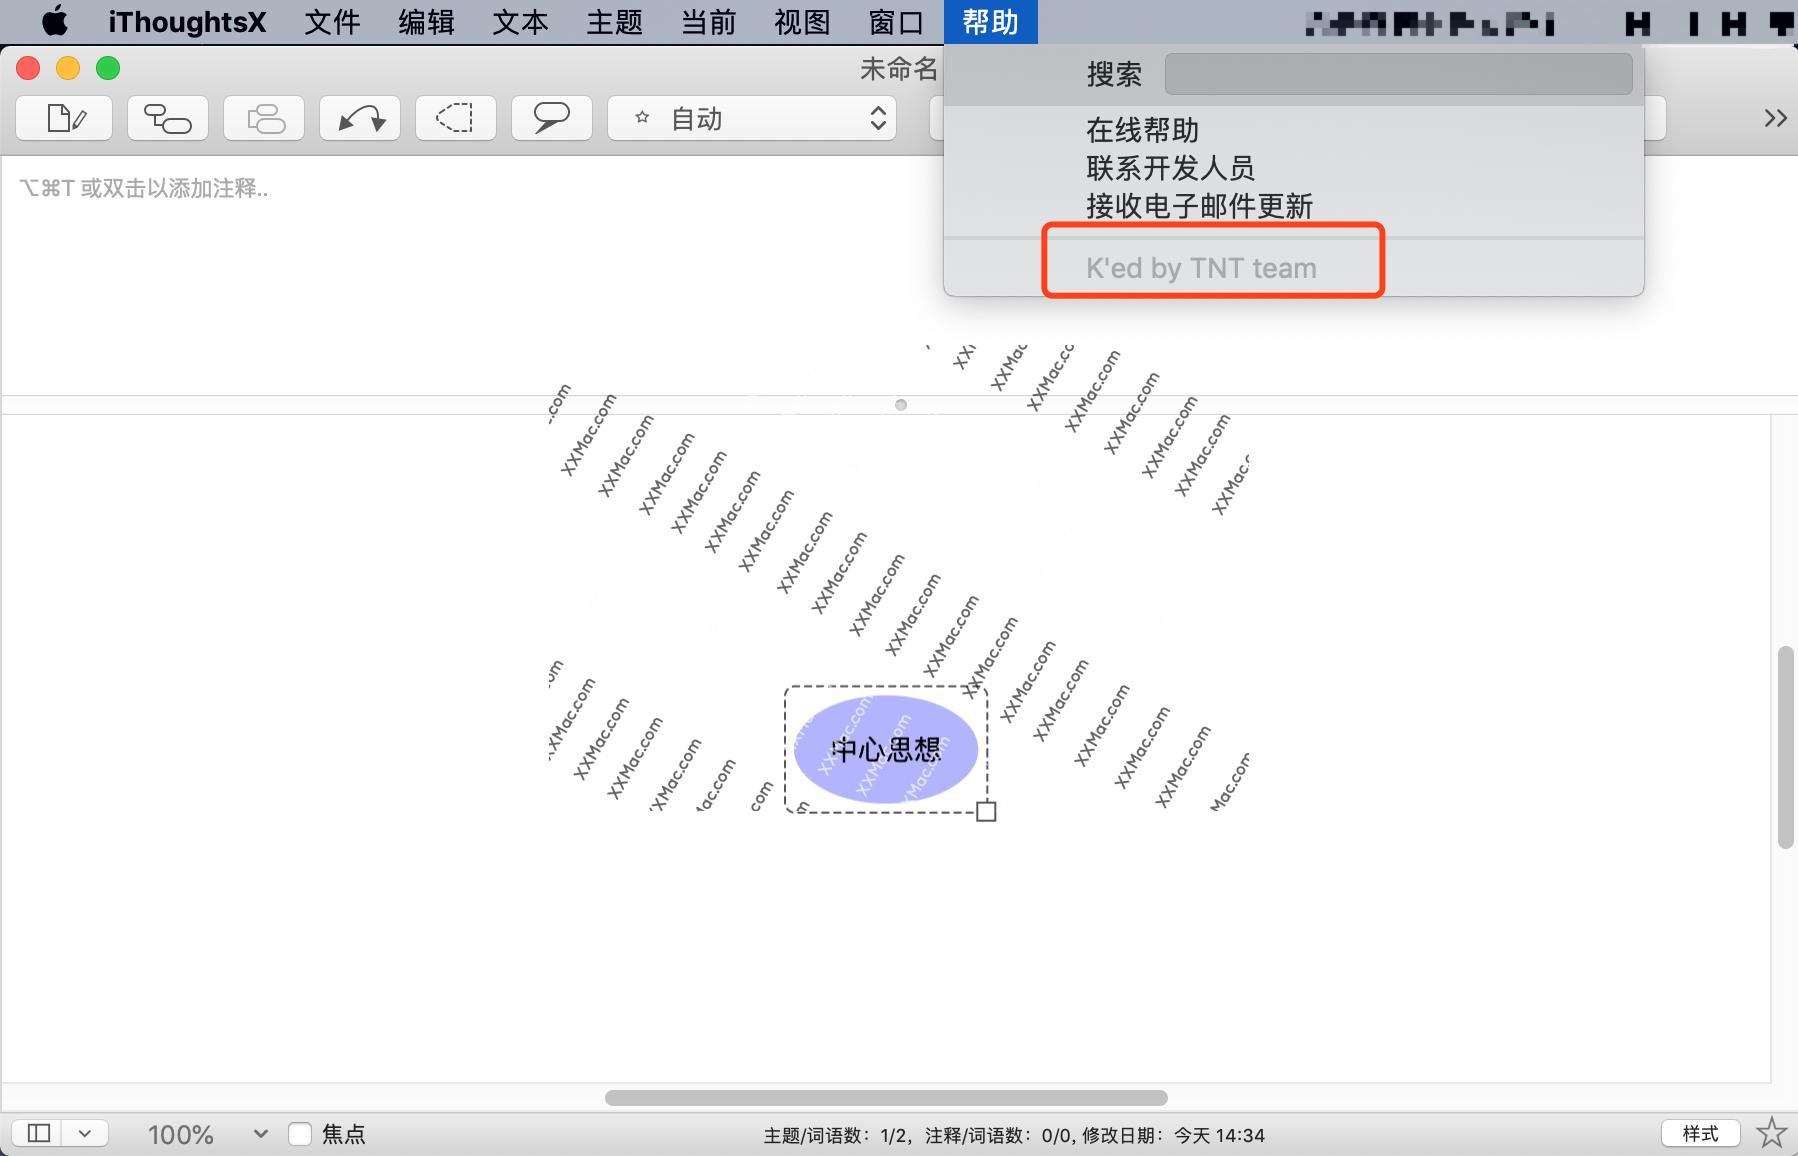 iThoughtsX for Mac v5.13 中文破解版下载 思维导图软件